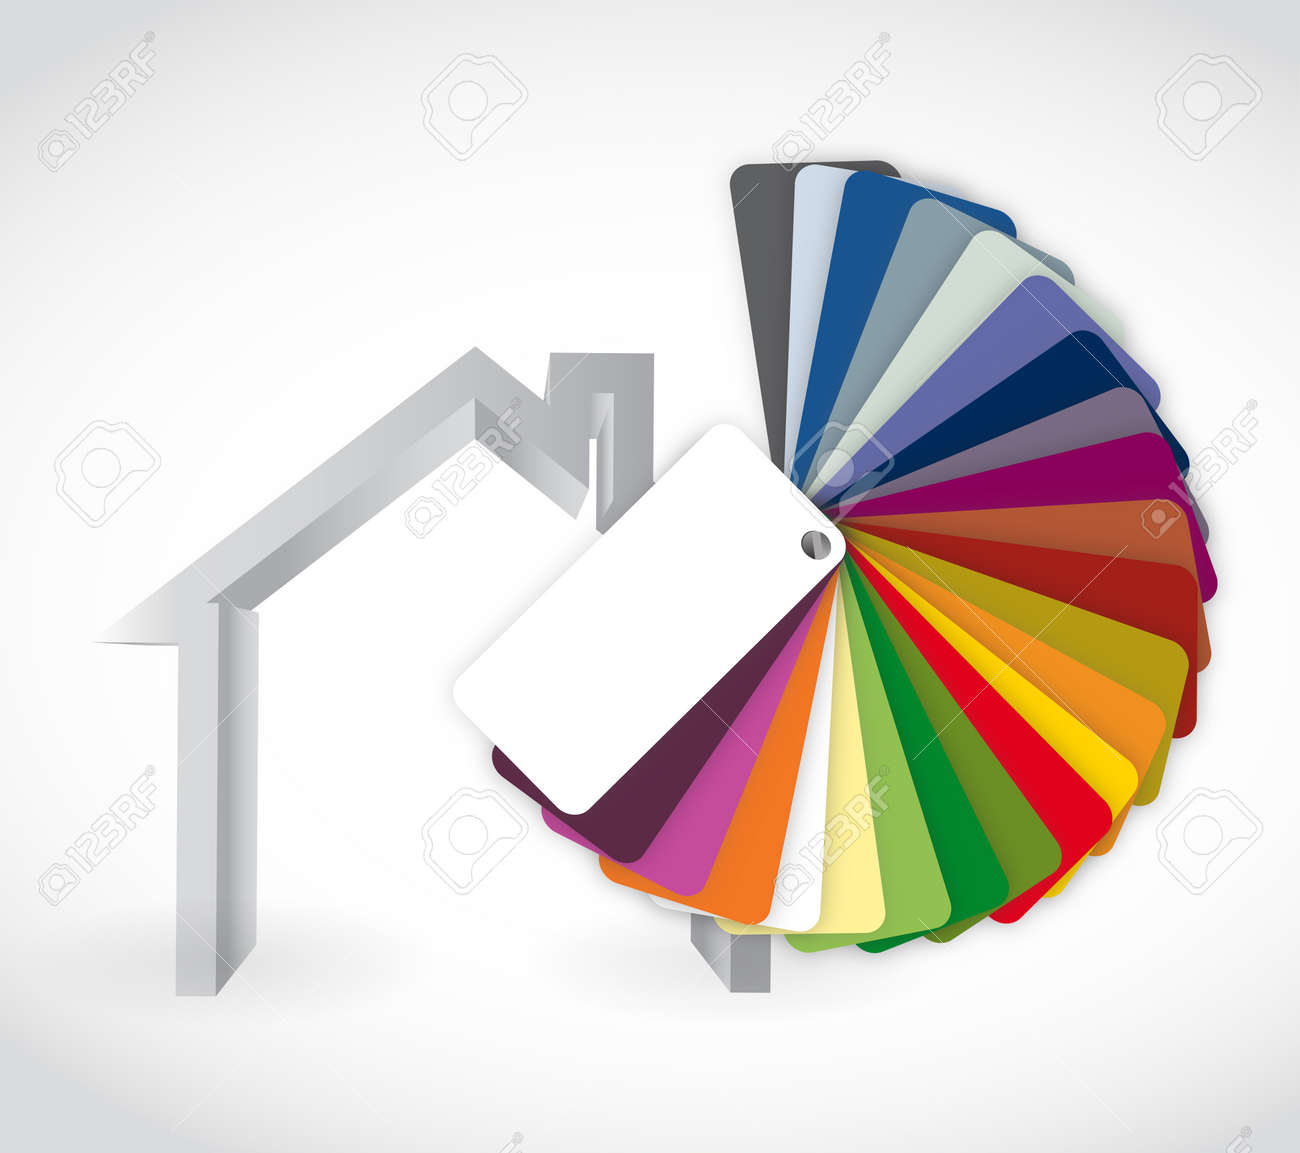 Haus Und Farbe Führer Symbol, Illustration, Design über Einem Weißen ...